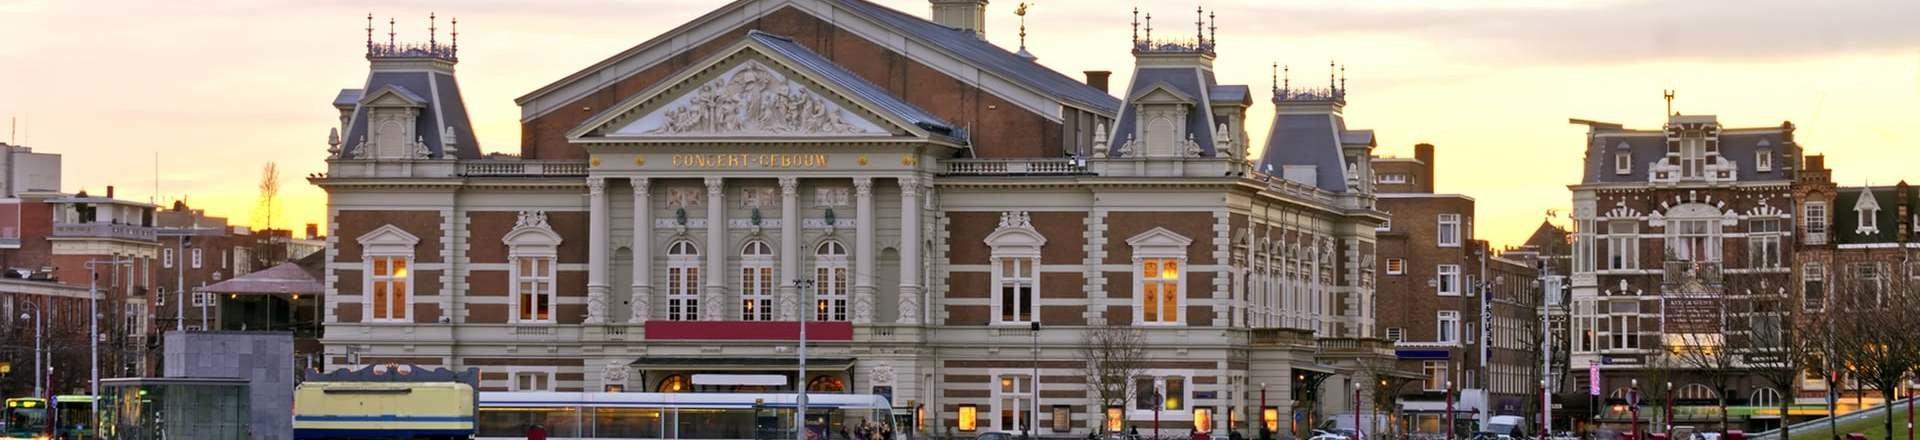 Hotel economici a amsterdam a partire da 39 destinia for Amsterdam ostelli economici centro